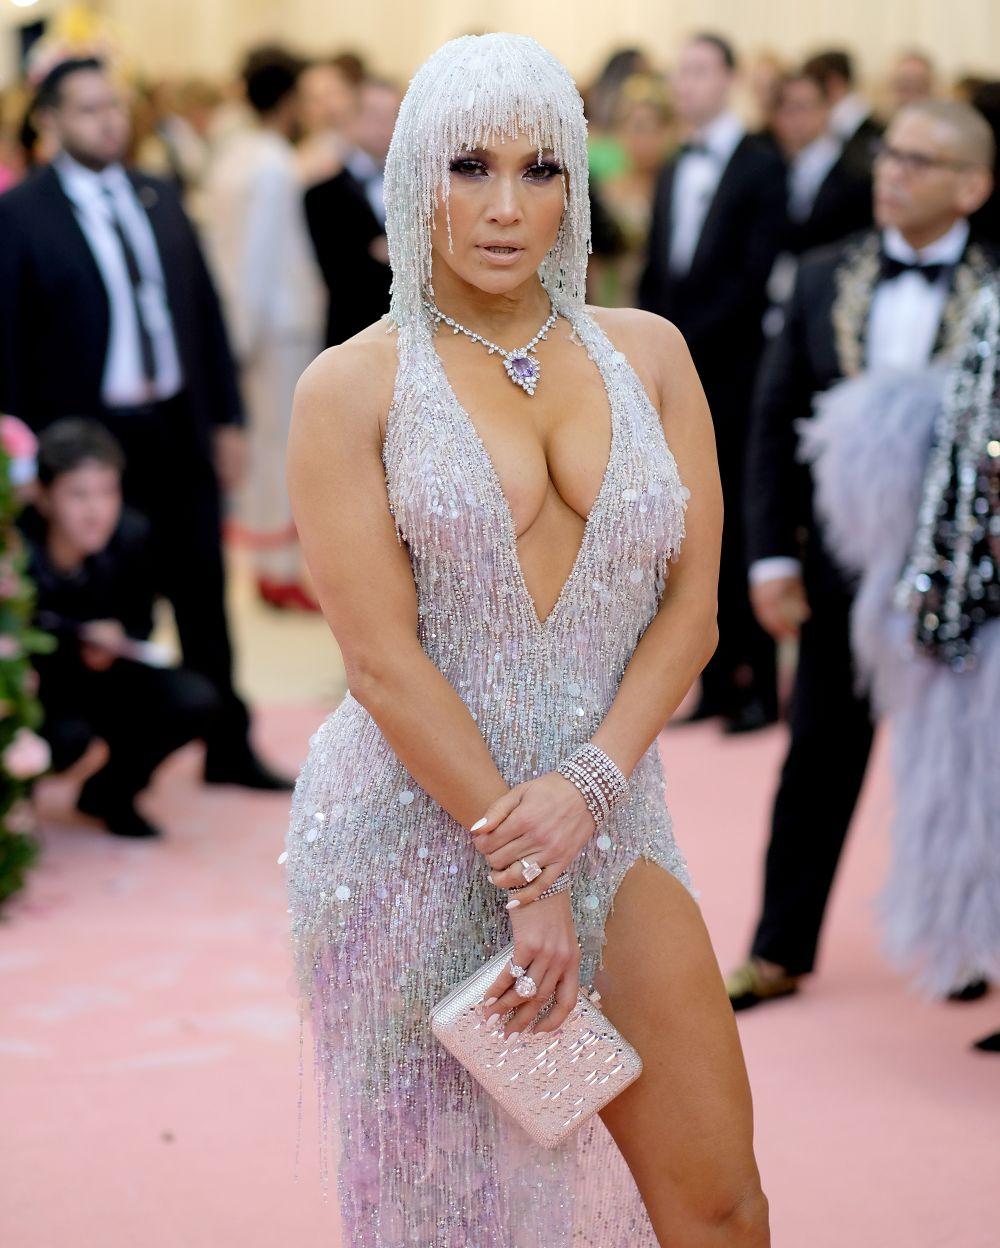 Сексапилната красавица е родена през 1969 година в Бронкс, Ню Йорк